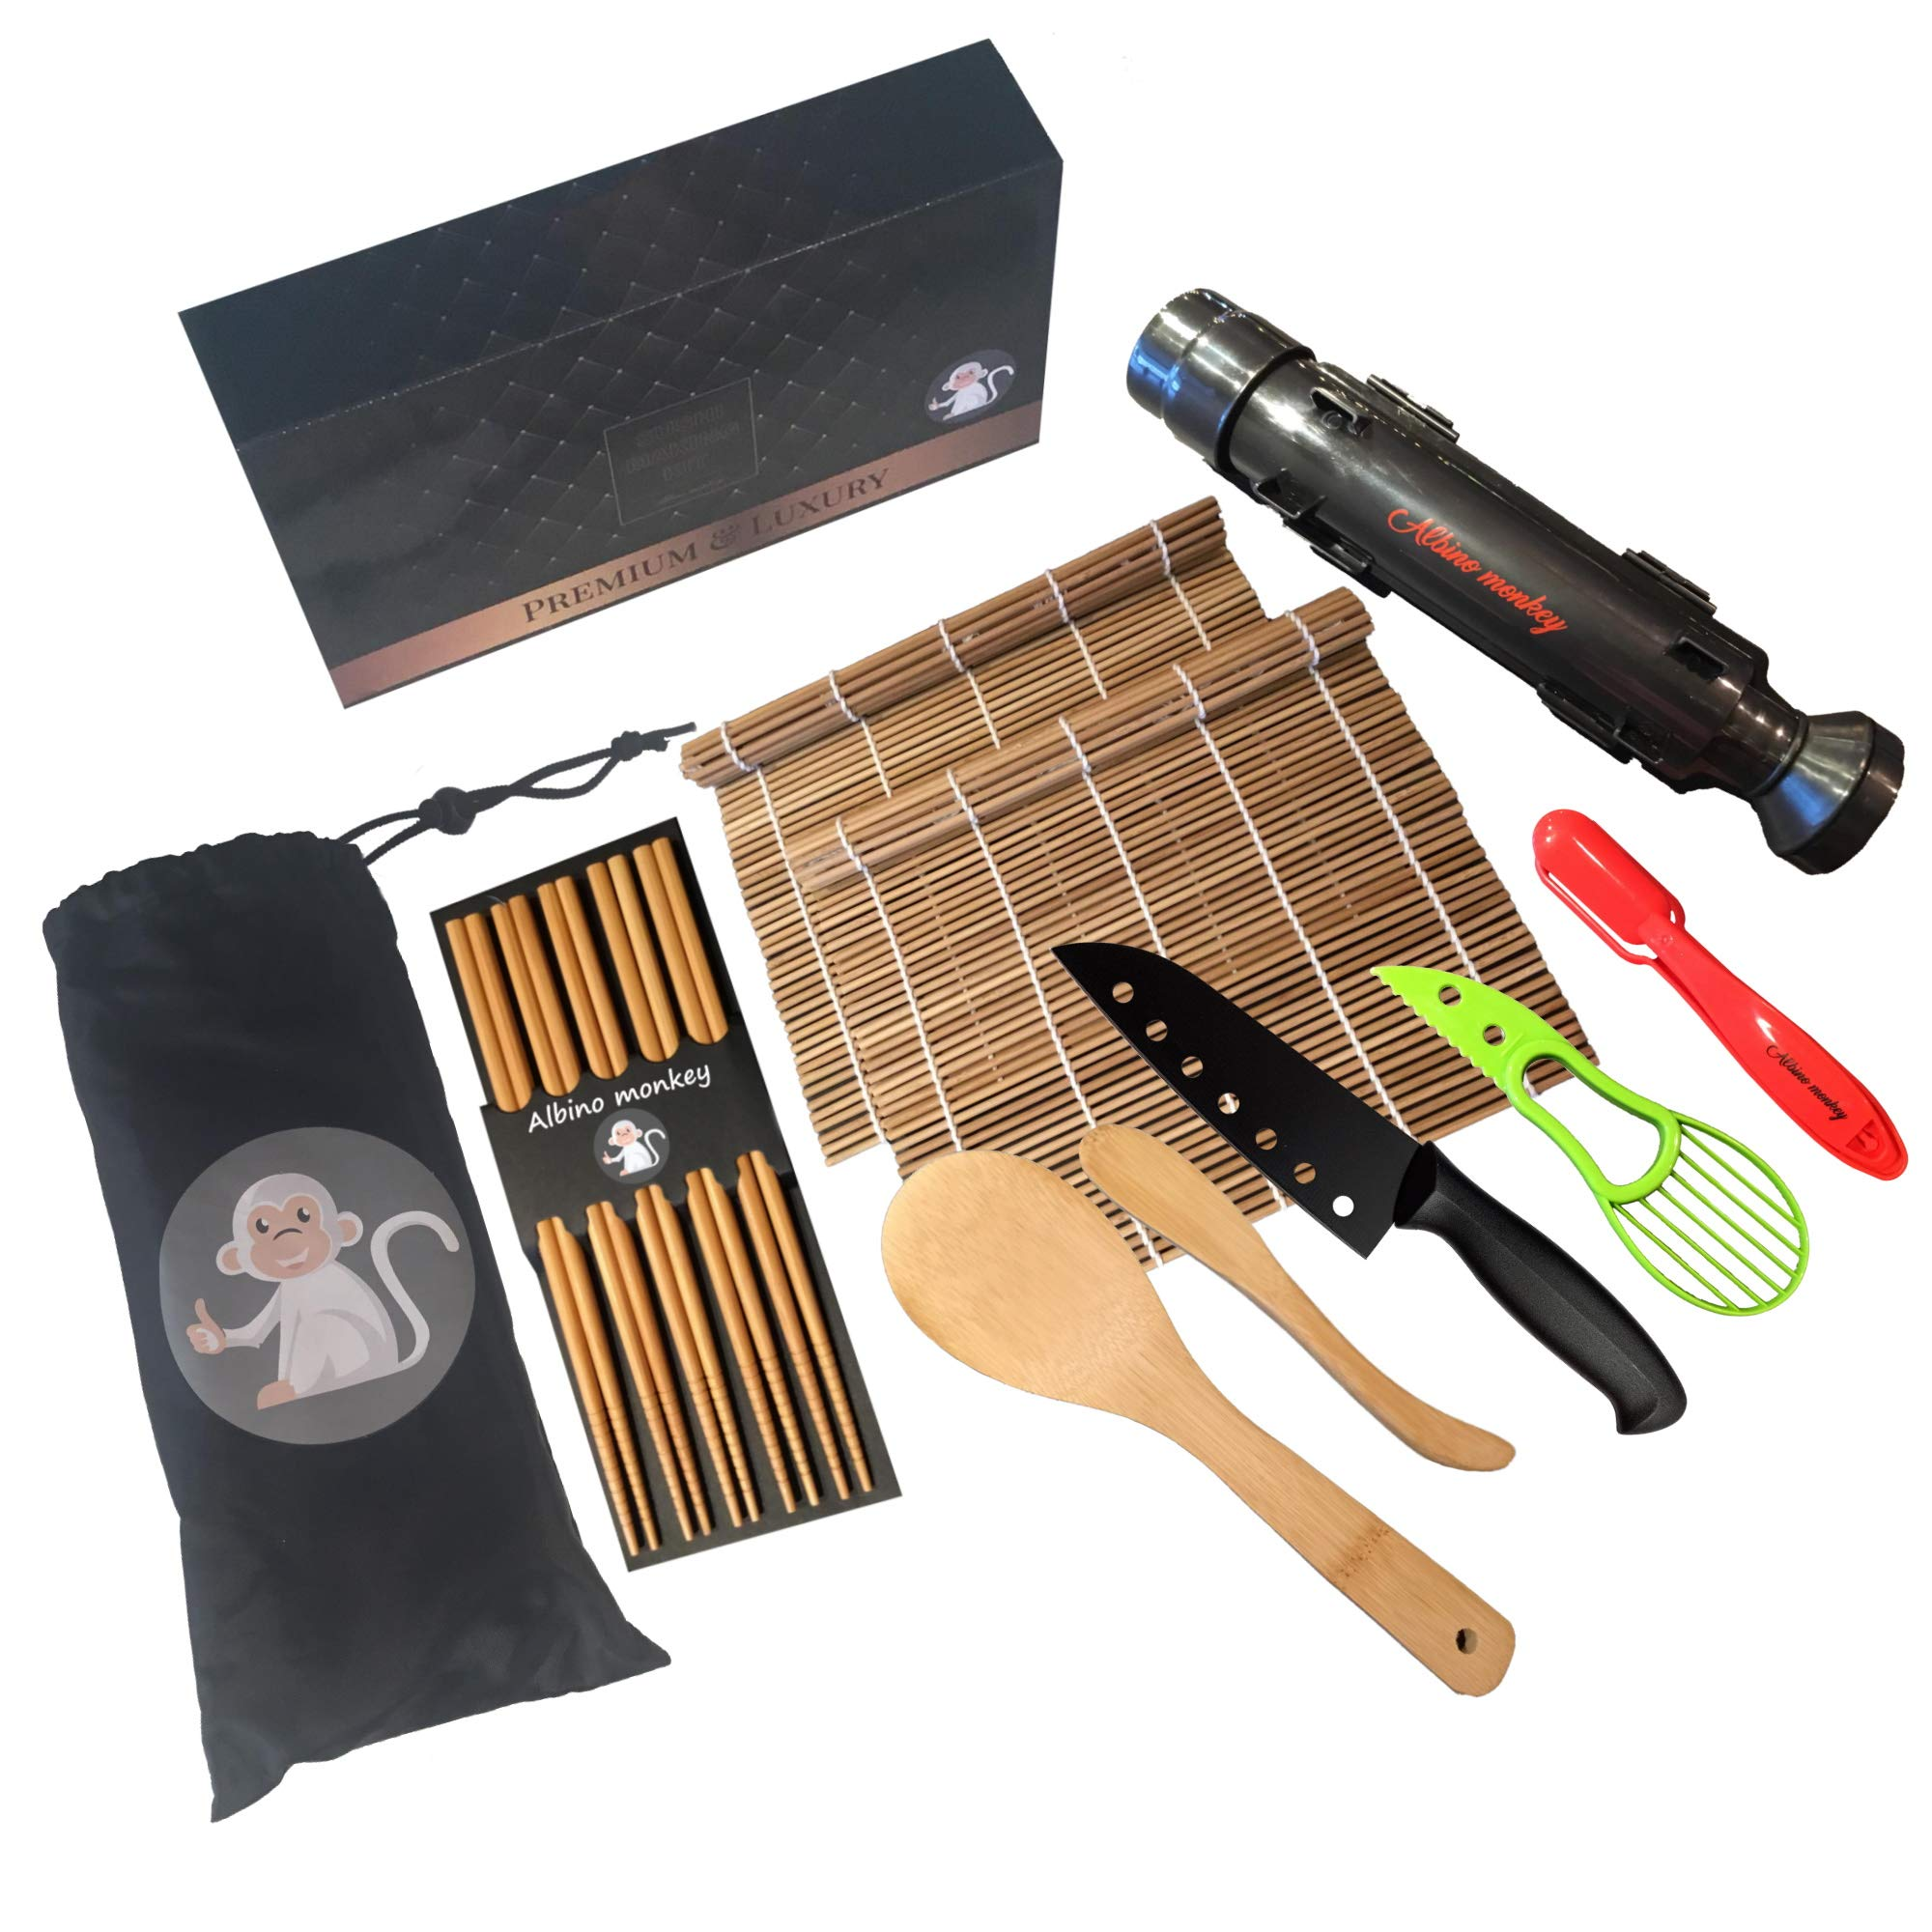 Albino Monkey Sushi Making Kit - Comes with Sashimi Knife, Paddle Spreader, Bamboo Sushi Mat, Black Sushi Bazooka, Chopsticks, and Green Avocado Slicer - Easy-to-Use Sushi Making Kit for Beginners